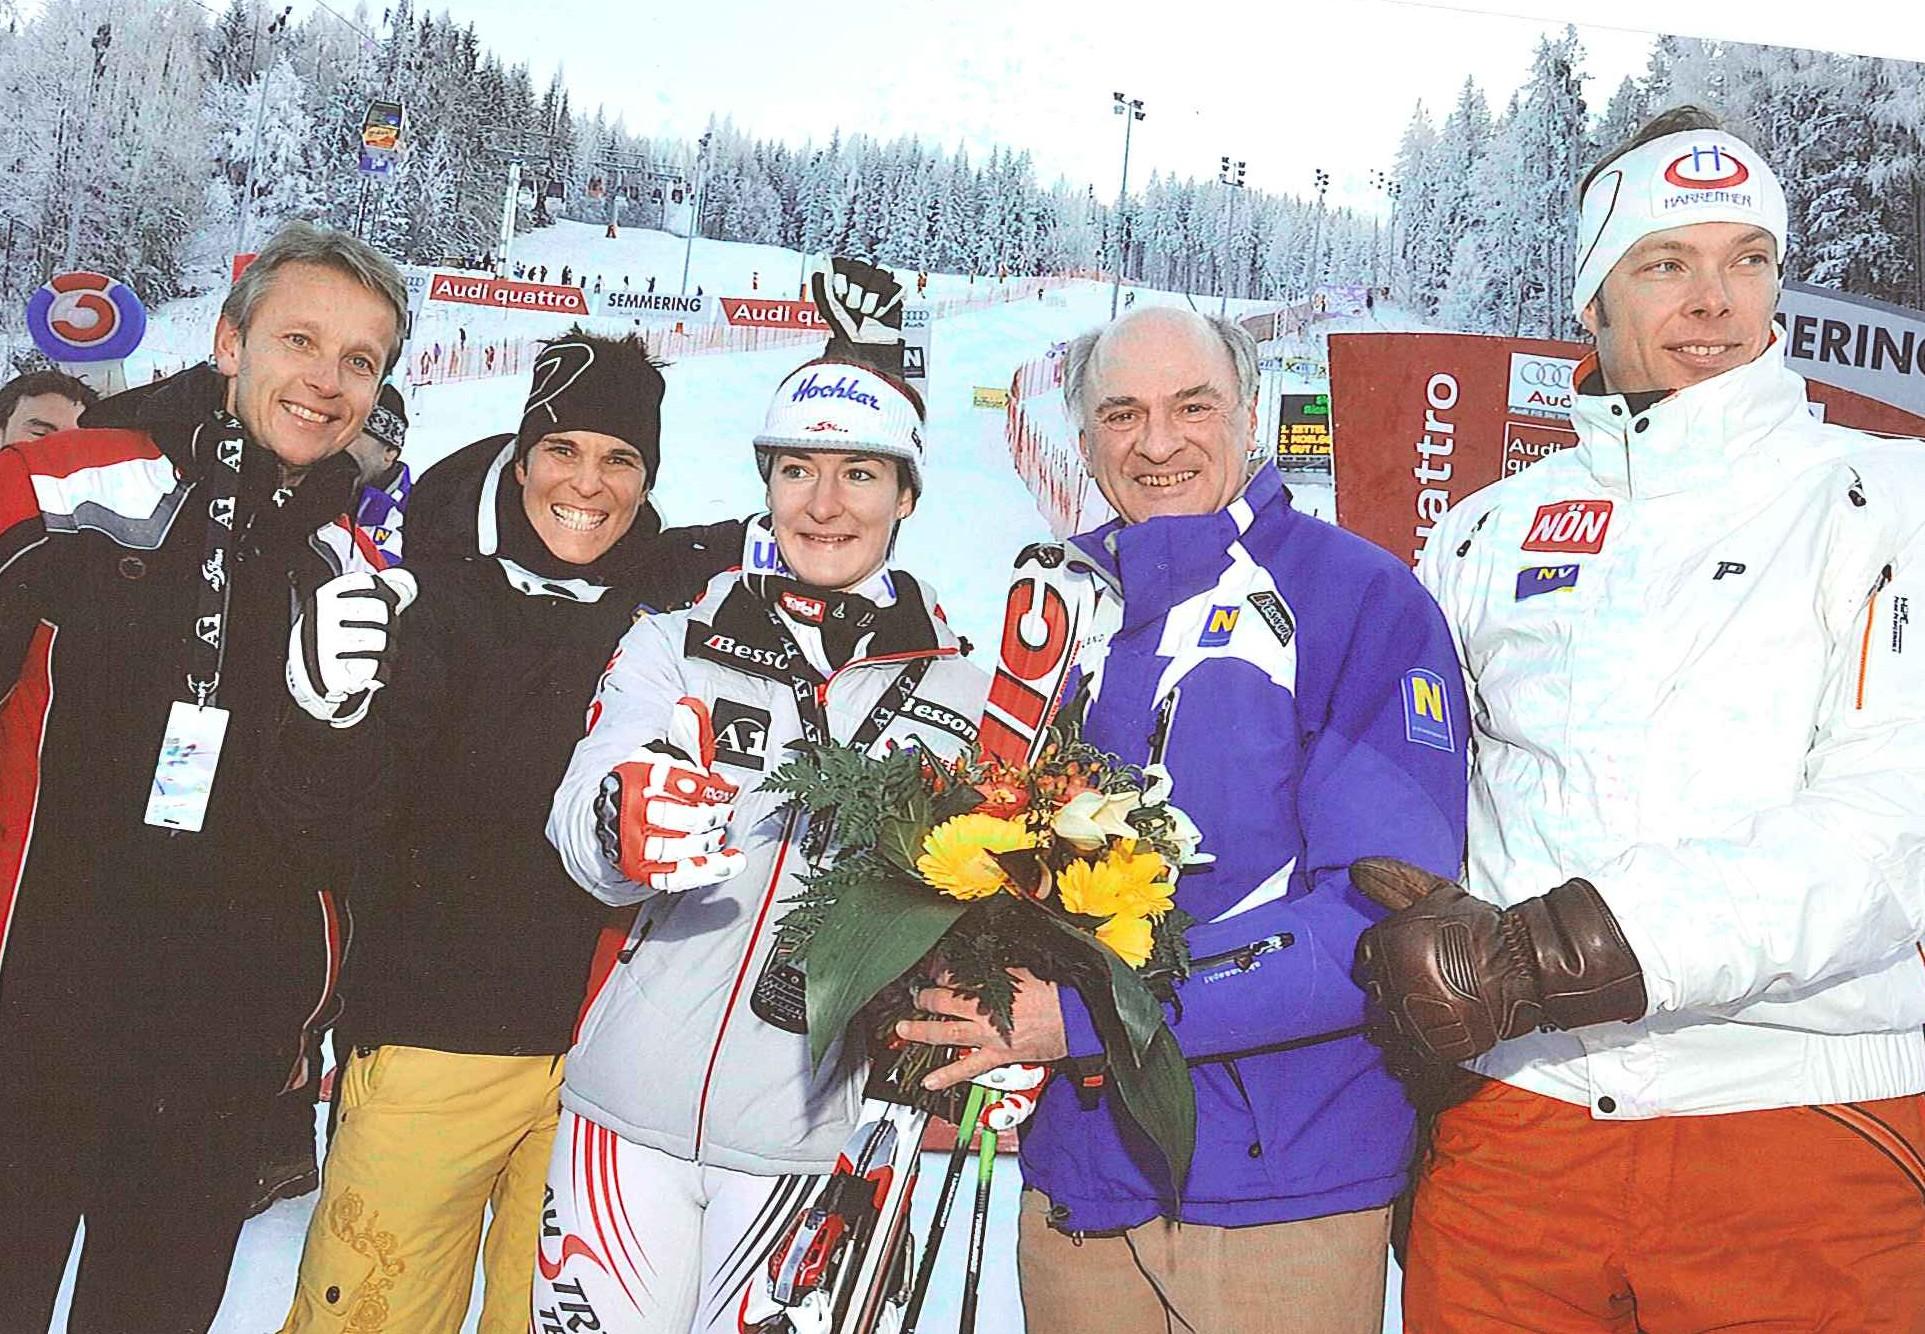 Mit Kathrin Zettl freuen sich die Niederösterreicher Michaela Dorfmeister, Erwin Pröll und Thomas Sykora (C) Büro Landeshauptmann Pröll